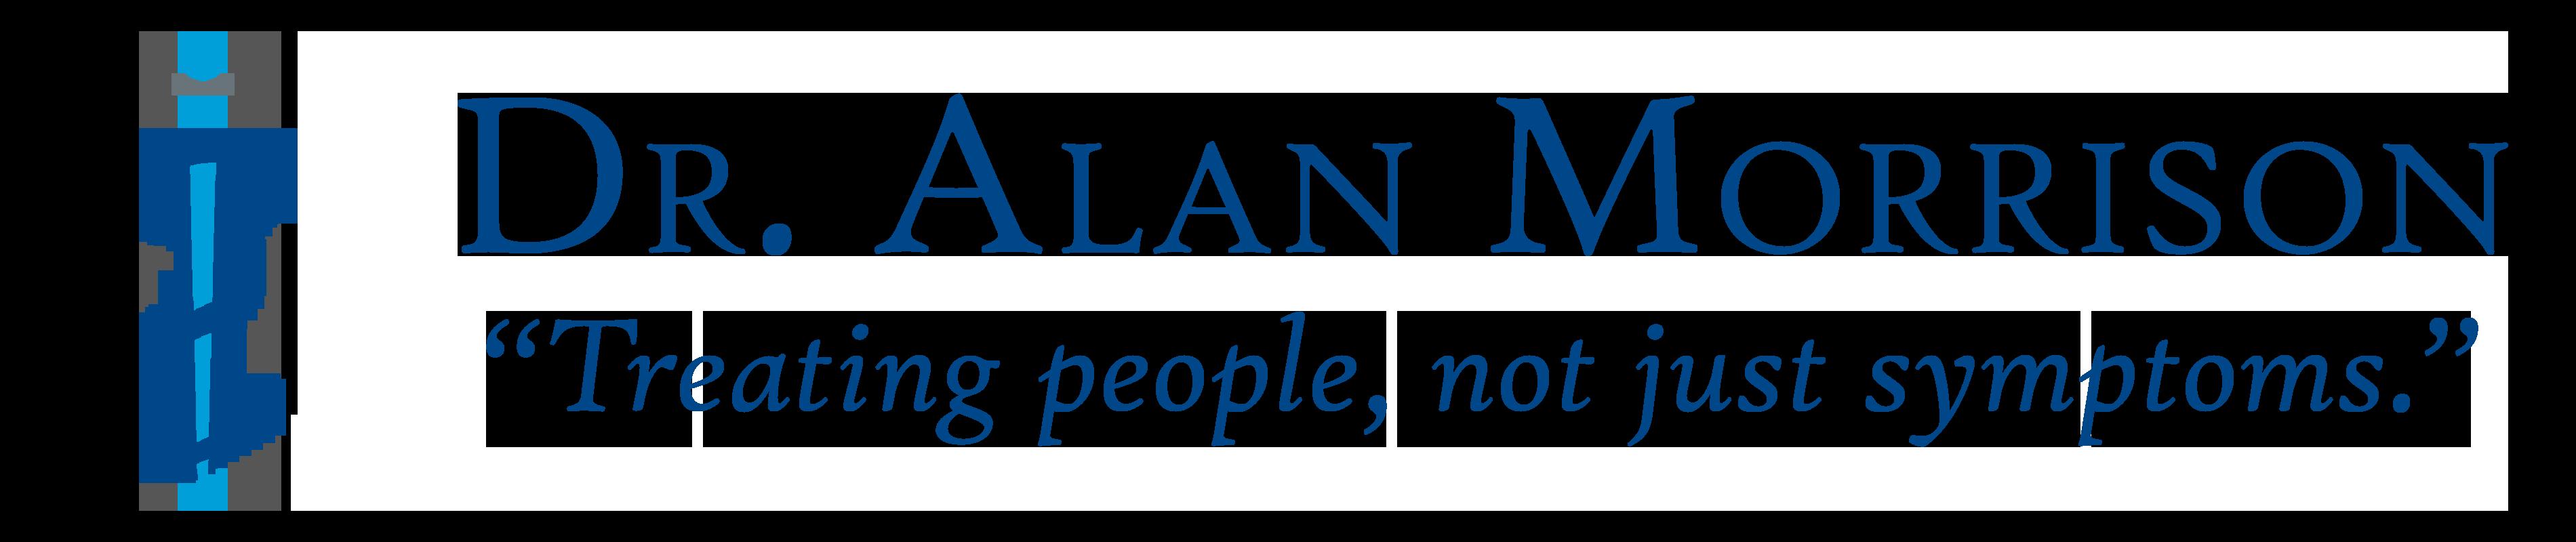 Dr. Alan Morrison, DO, FACP